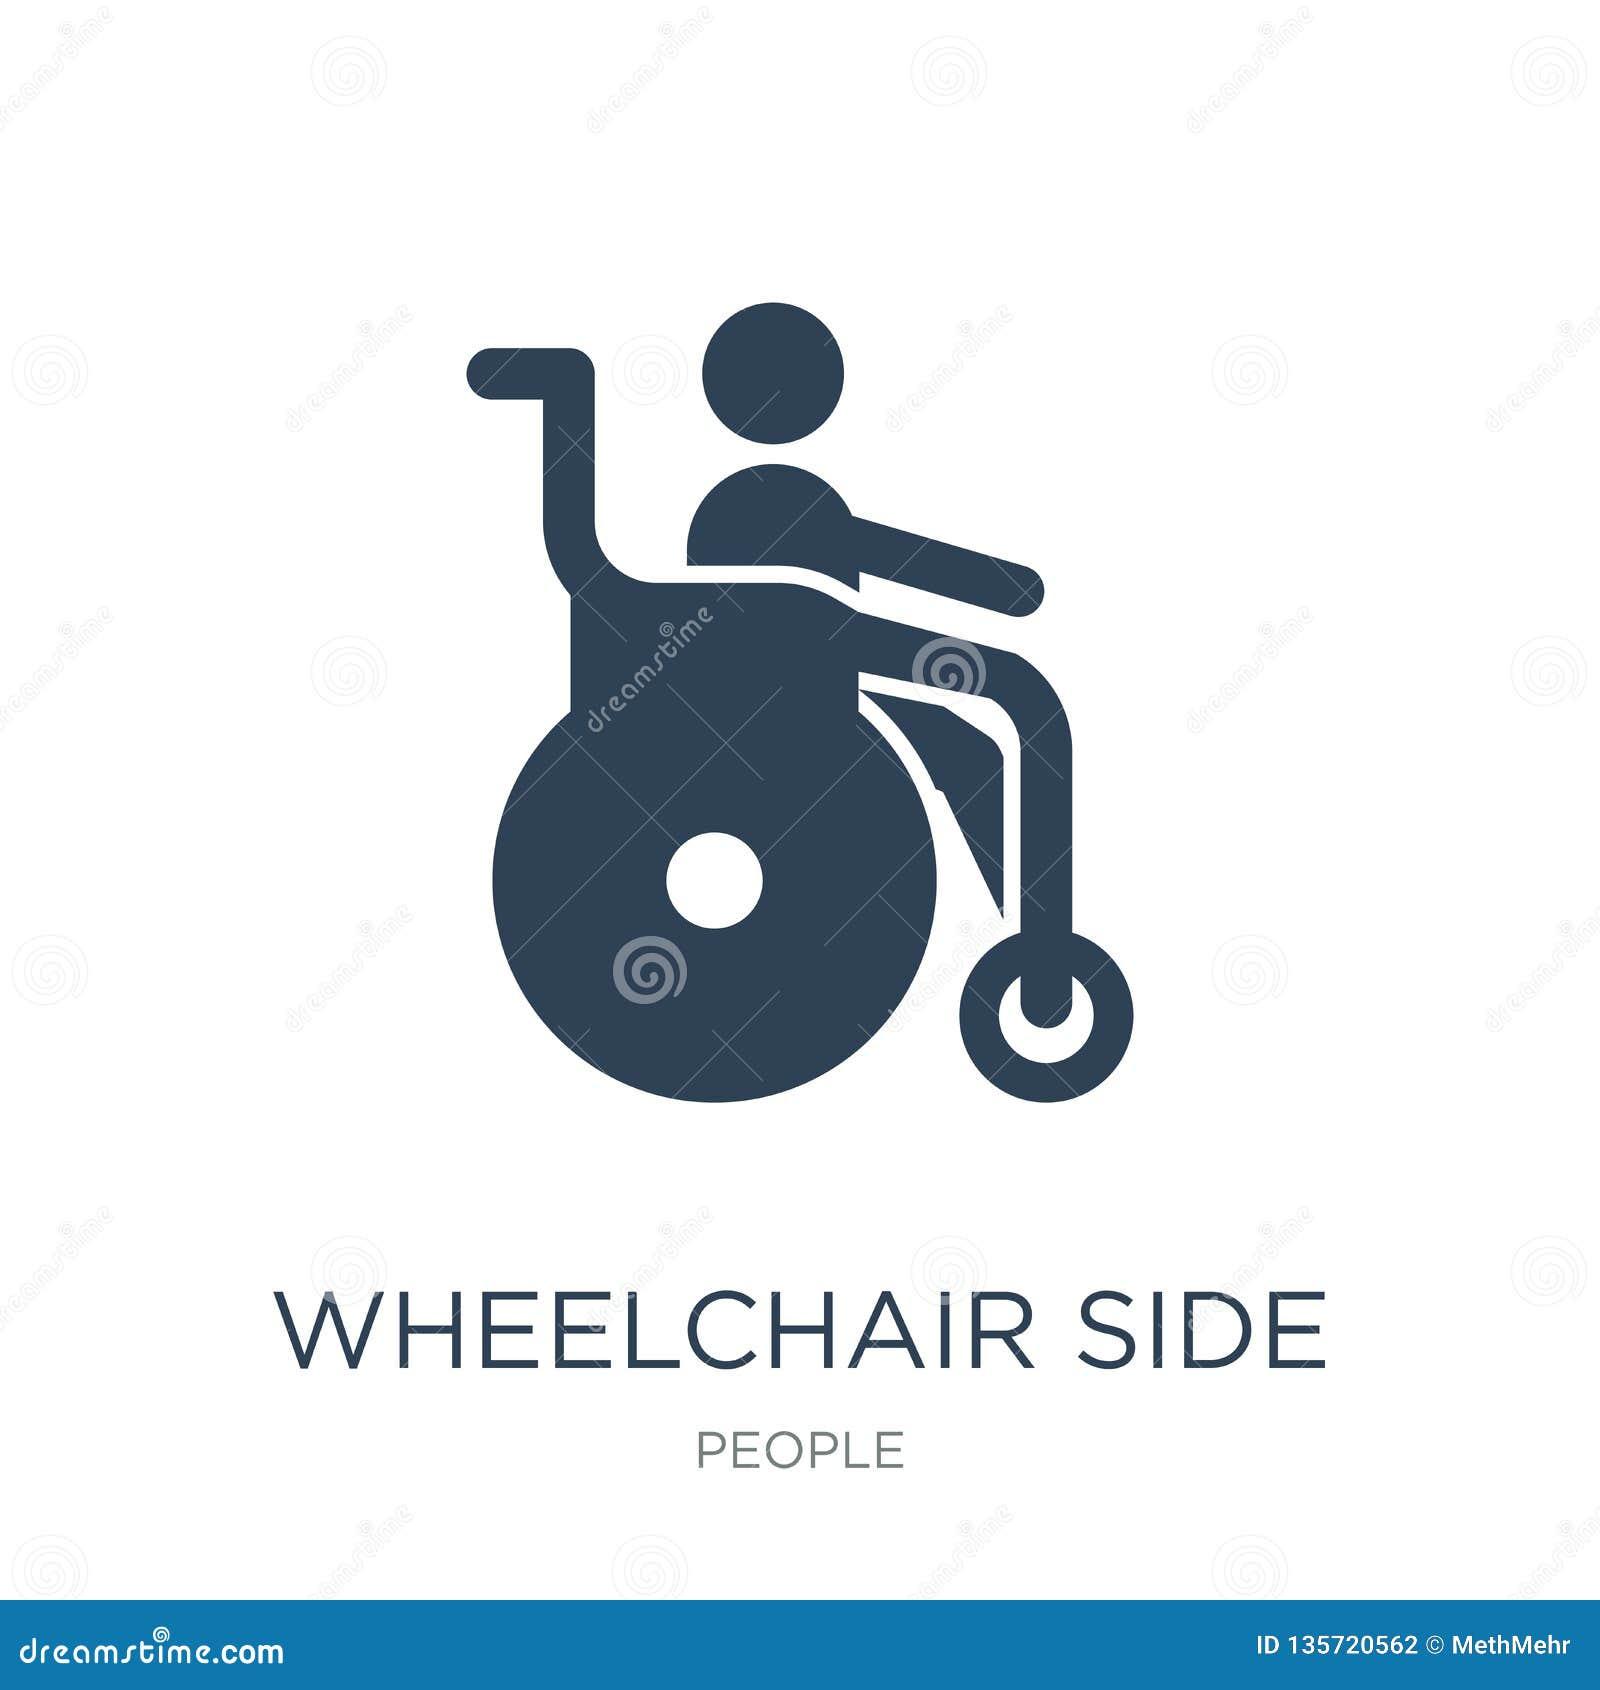 εικονίδιο πλάγιας όψης αναπηρικών καρεκλών στο καθιερώνον τη μόδα ύφος σχεδίου εικονίδιο πλάγιας όψης αναπηρικών καρεκλών που απο